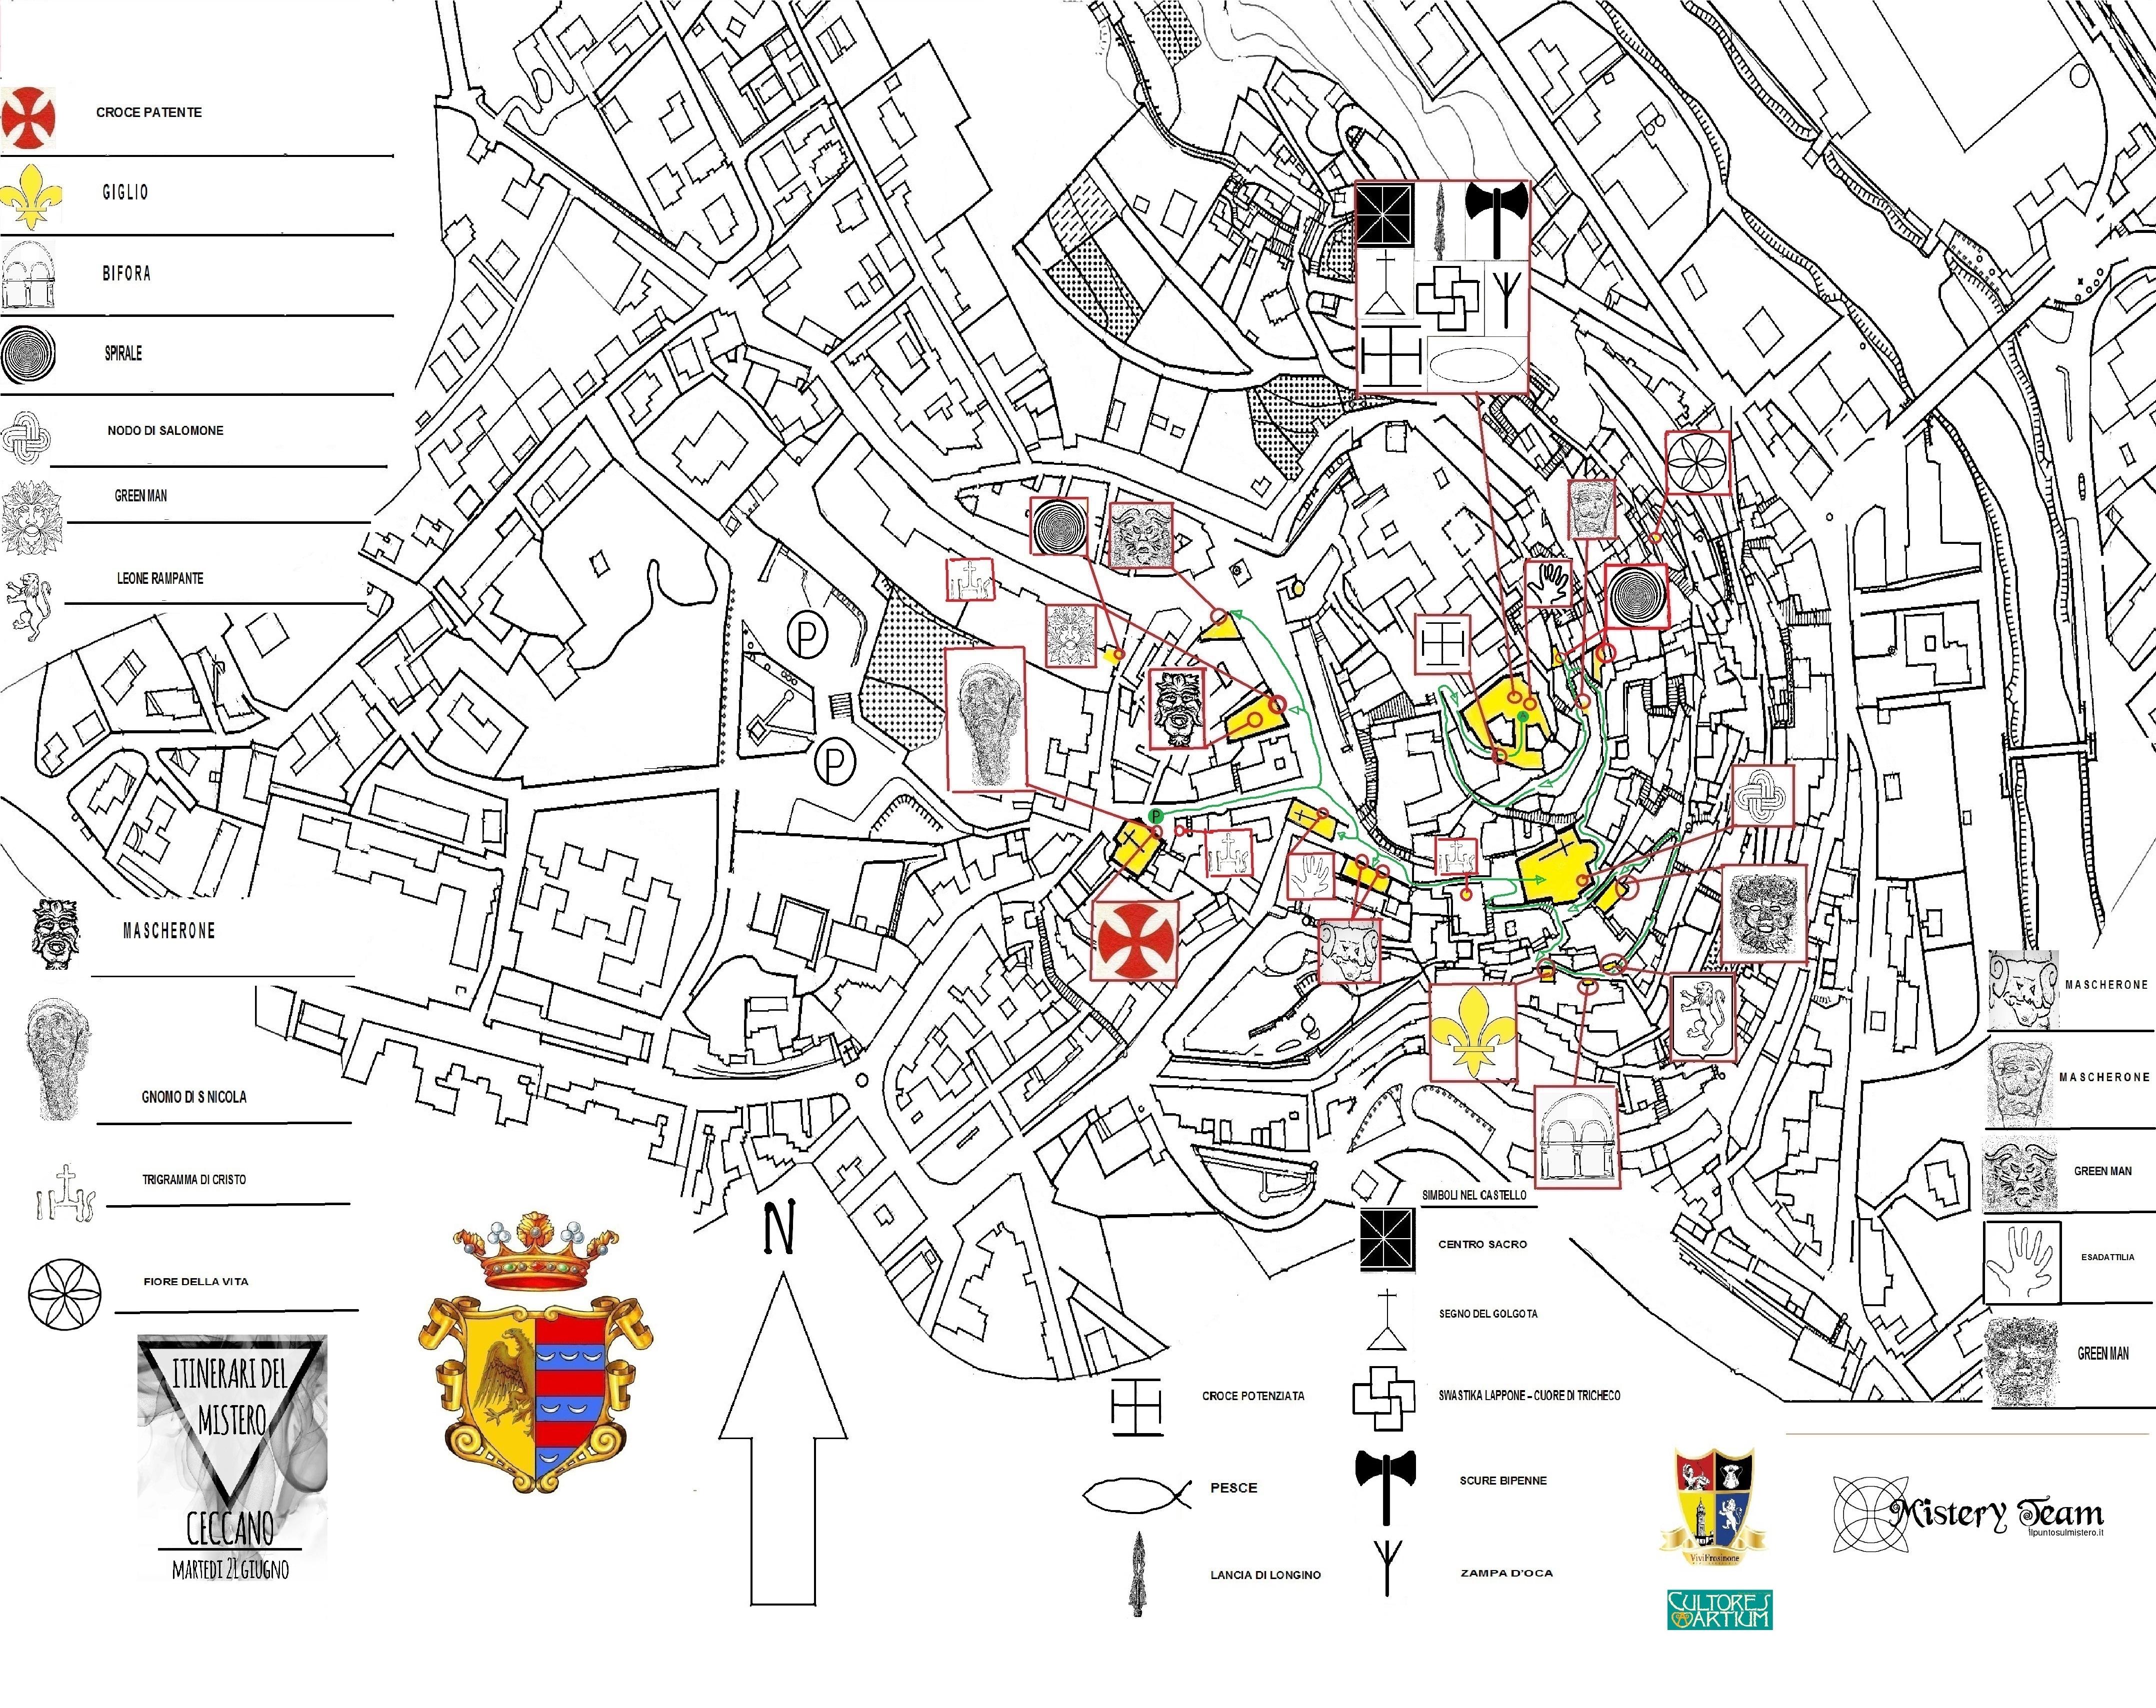 Mappa Ceccano - itinerario e simboli